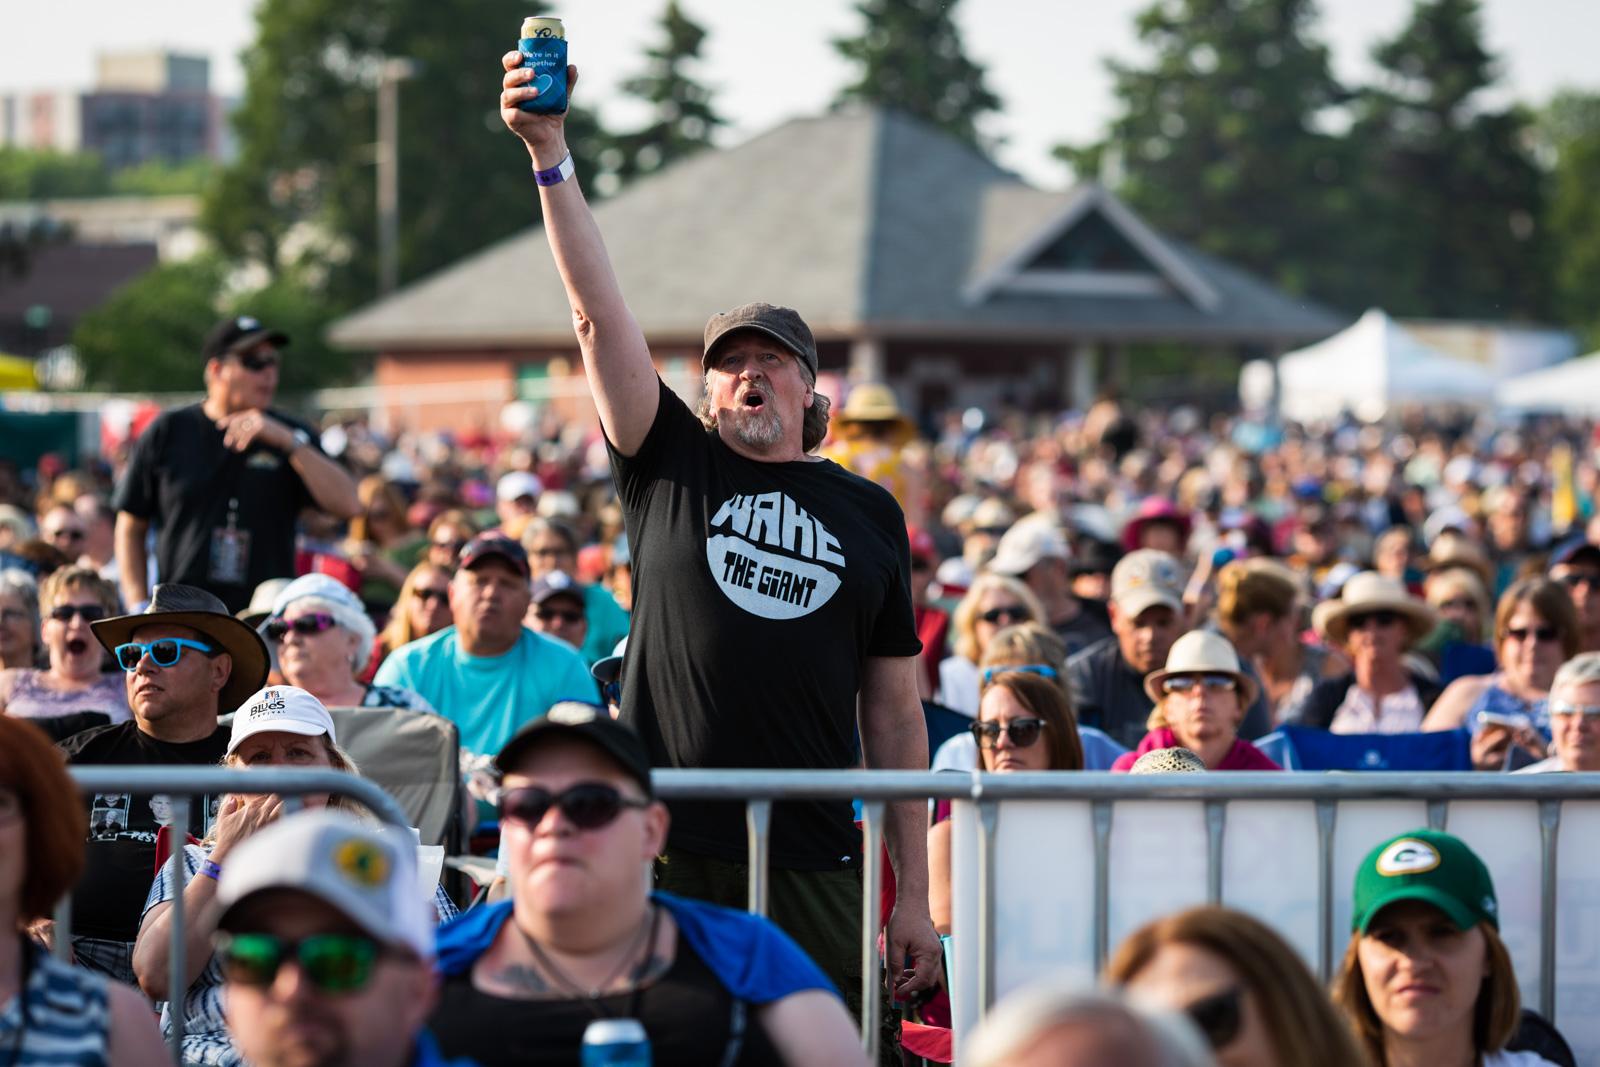 bluesfest-2019-blog-229.jpg